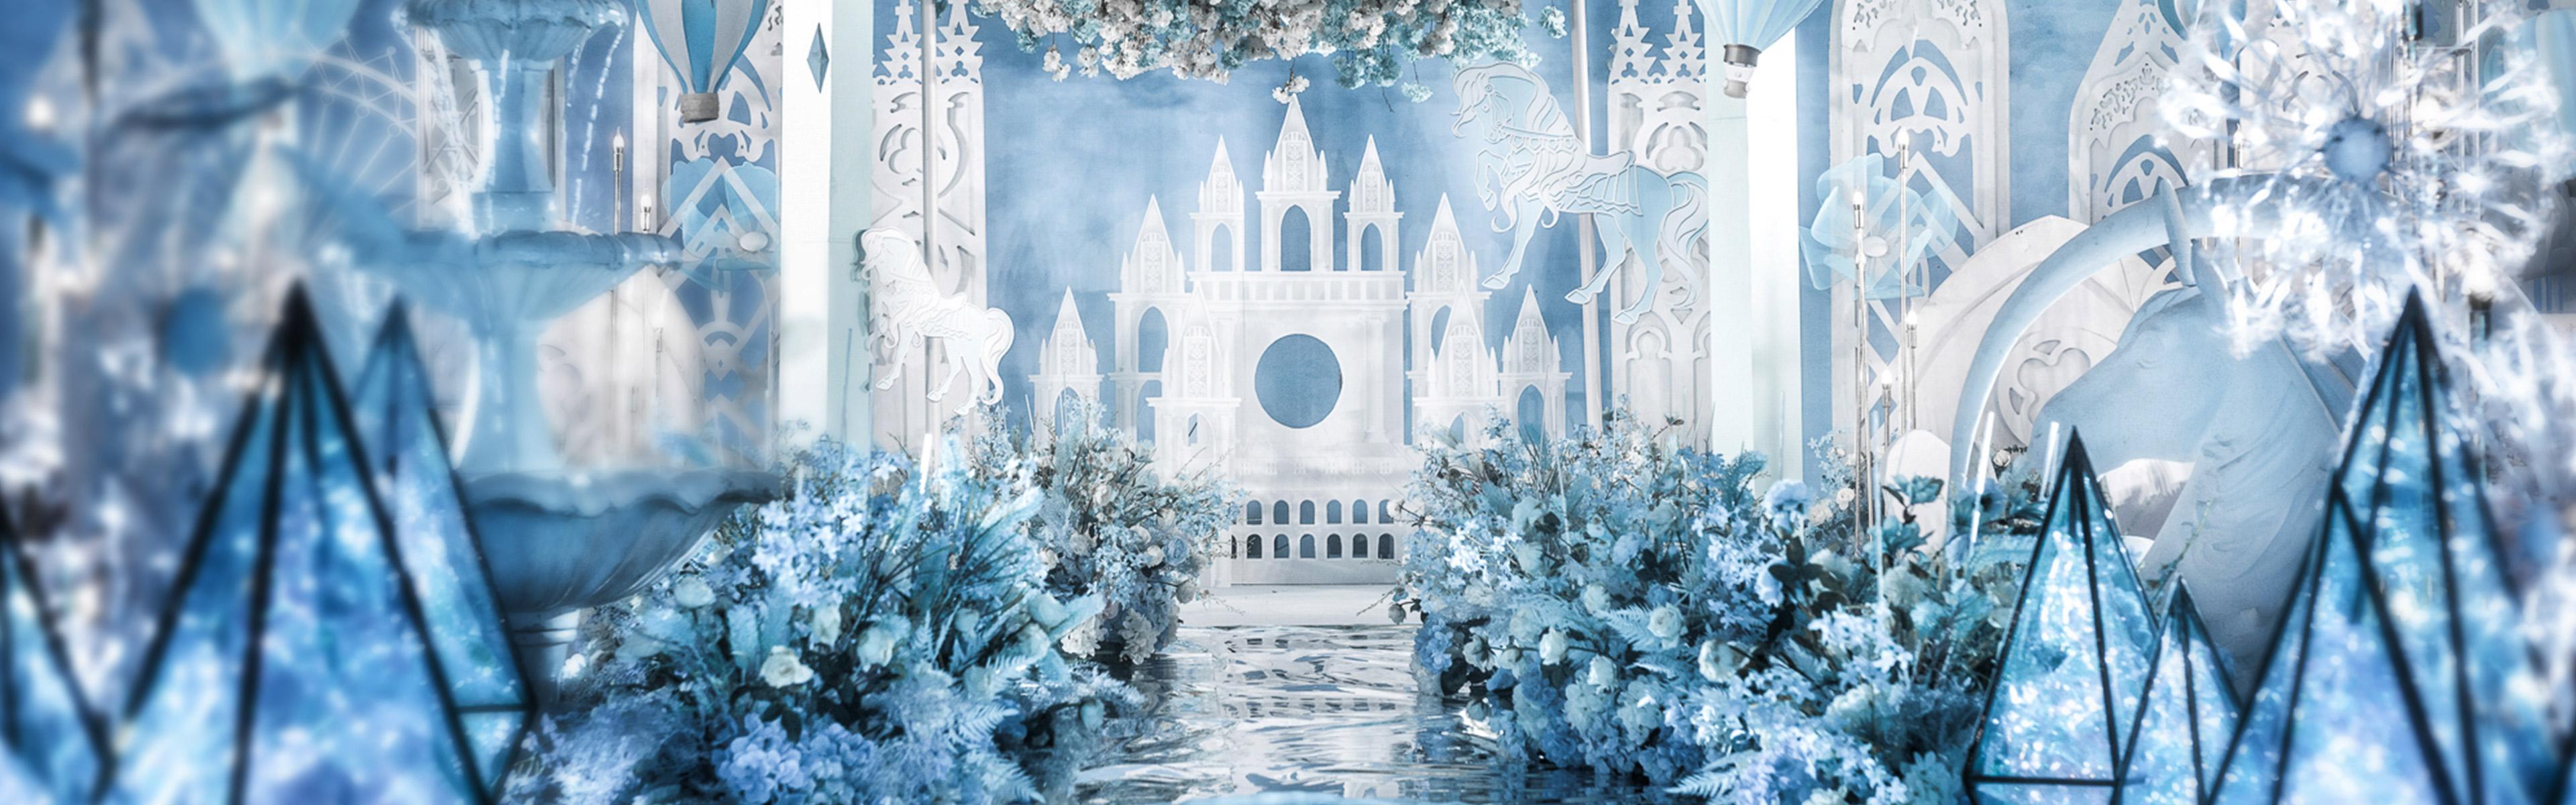 临湘婚庆策划案例:最美婚礼 第13期 | 常德 郑州